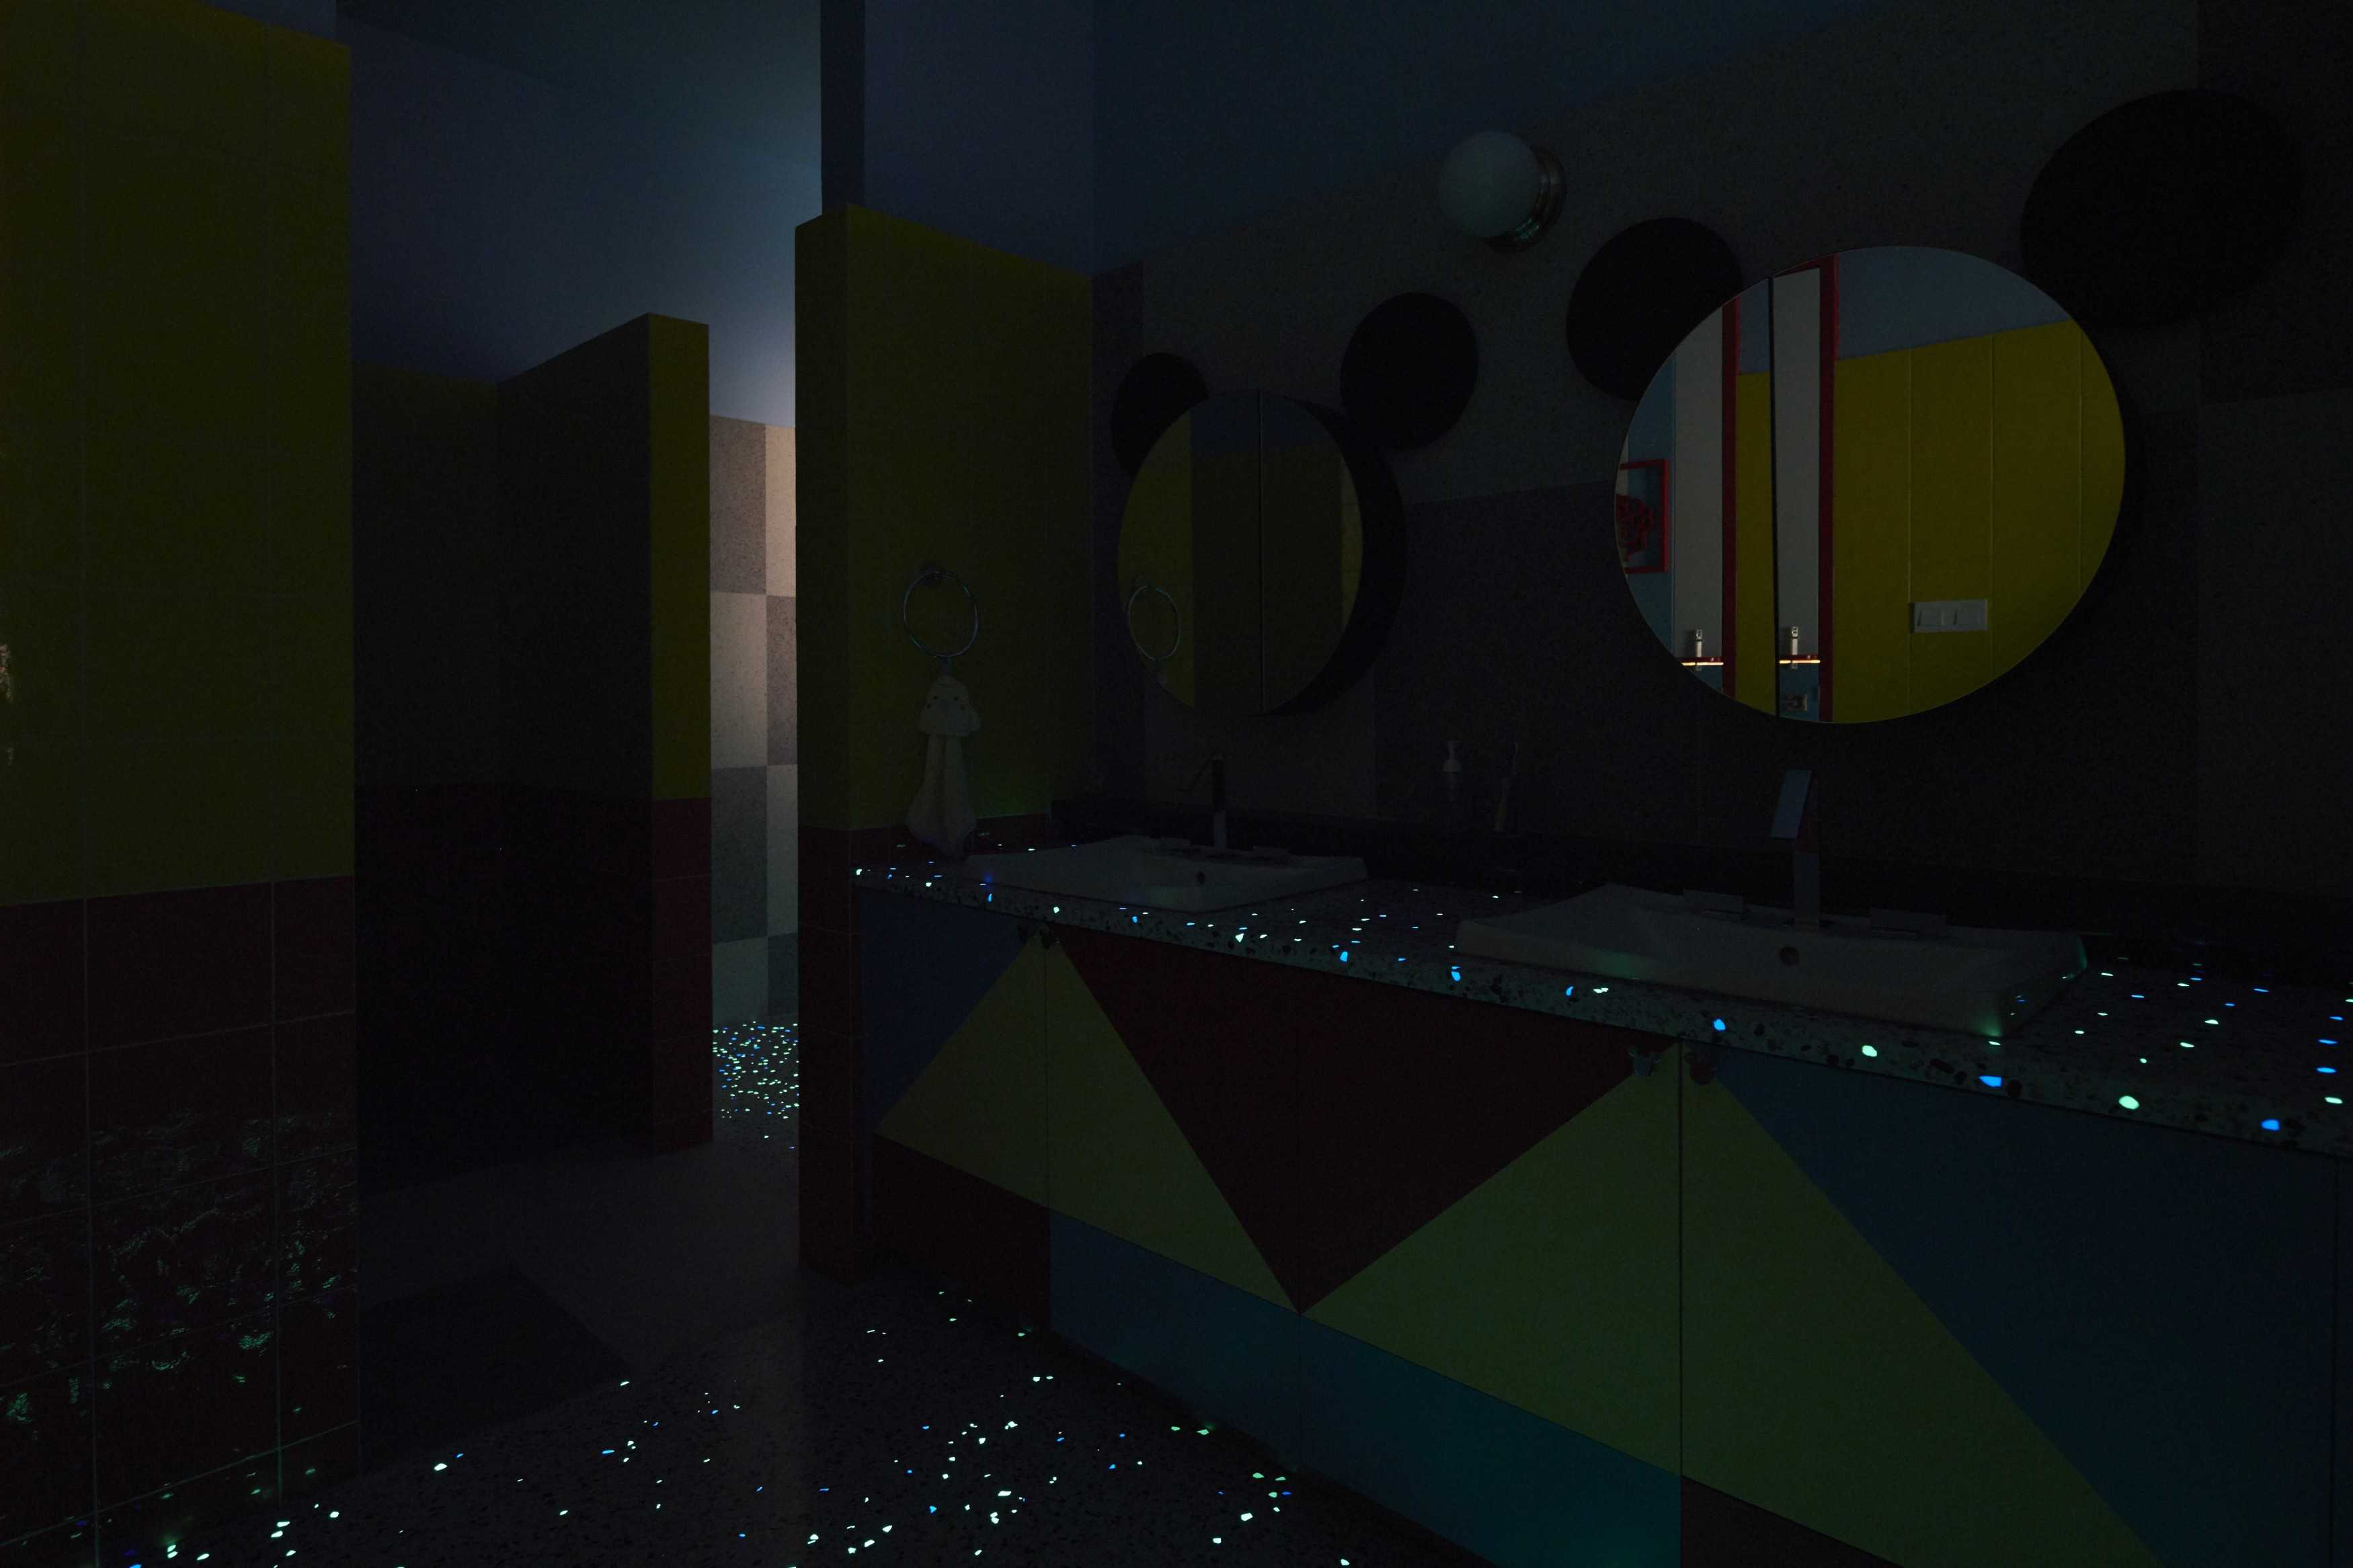 Studio Kuskus A+R Residence Kota Tgr. Sel., Kota Tangerang Selatan, Banten, Indonesia Kota Tgr. Sel., Kota Tangerang Selatan, Banten, Indonesia Studio-Kuskus-Ar-Residence   70516